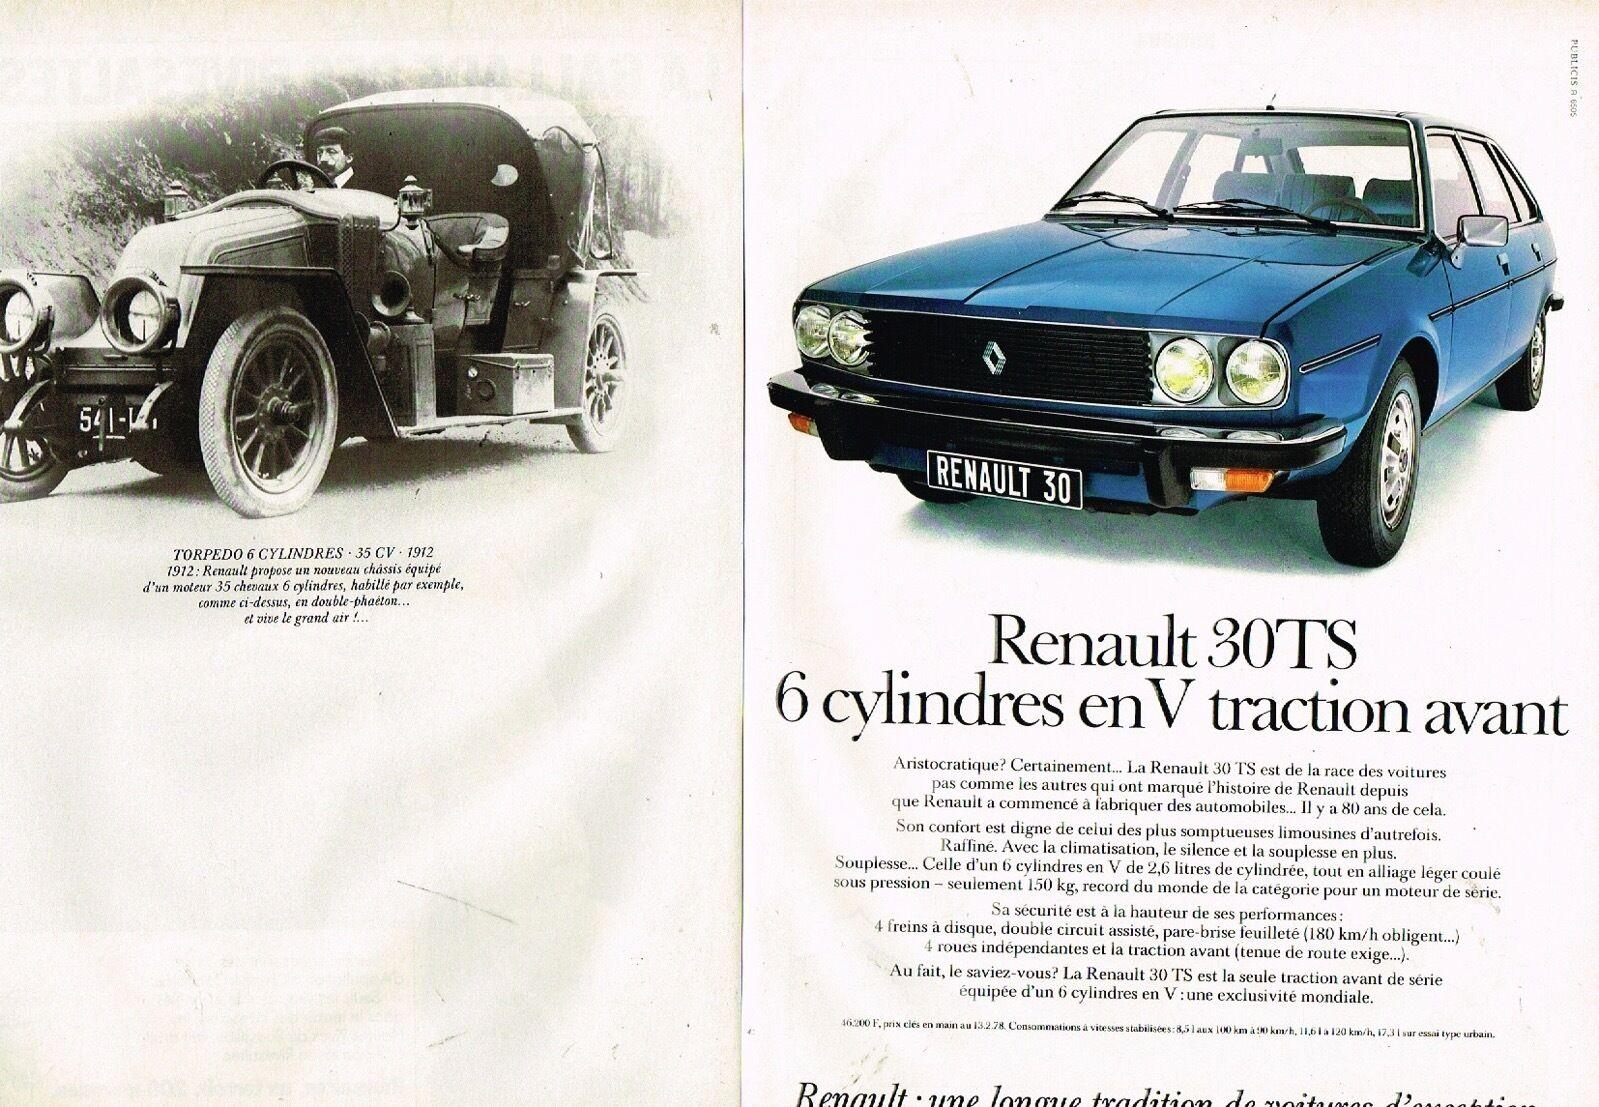 1979 Renault 30 TS